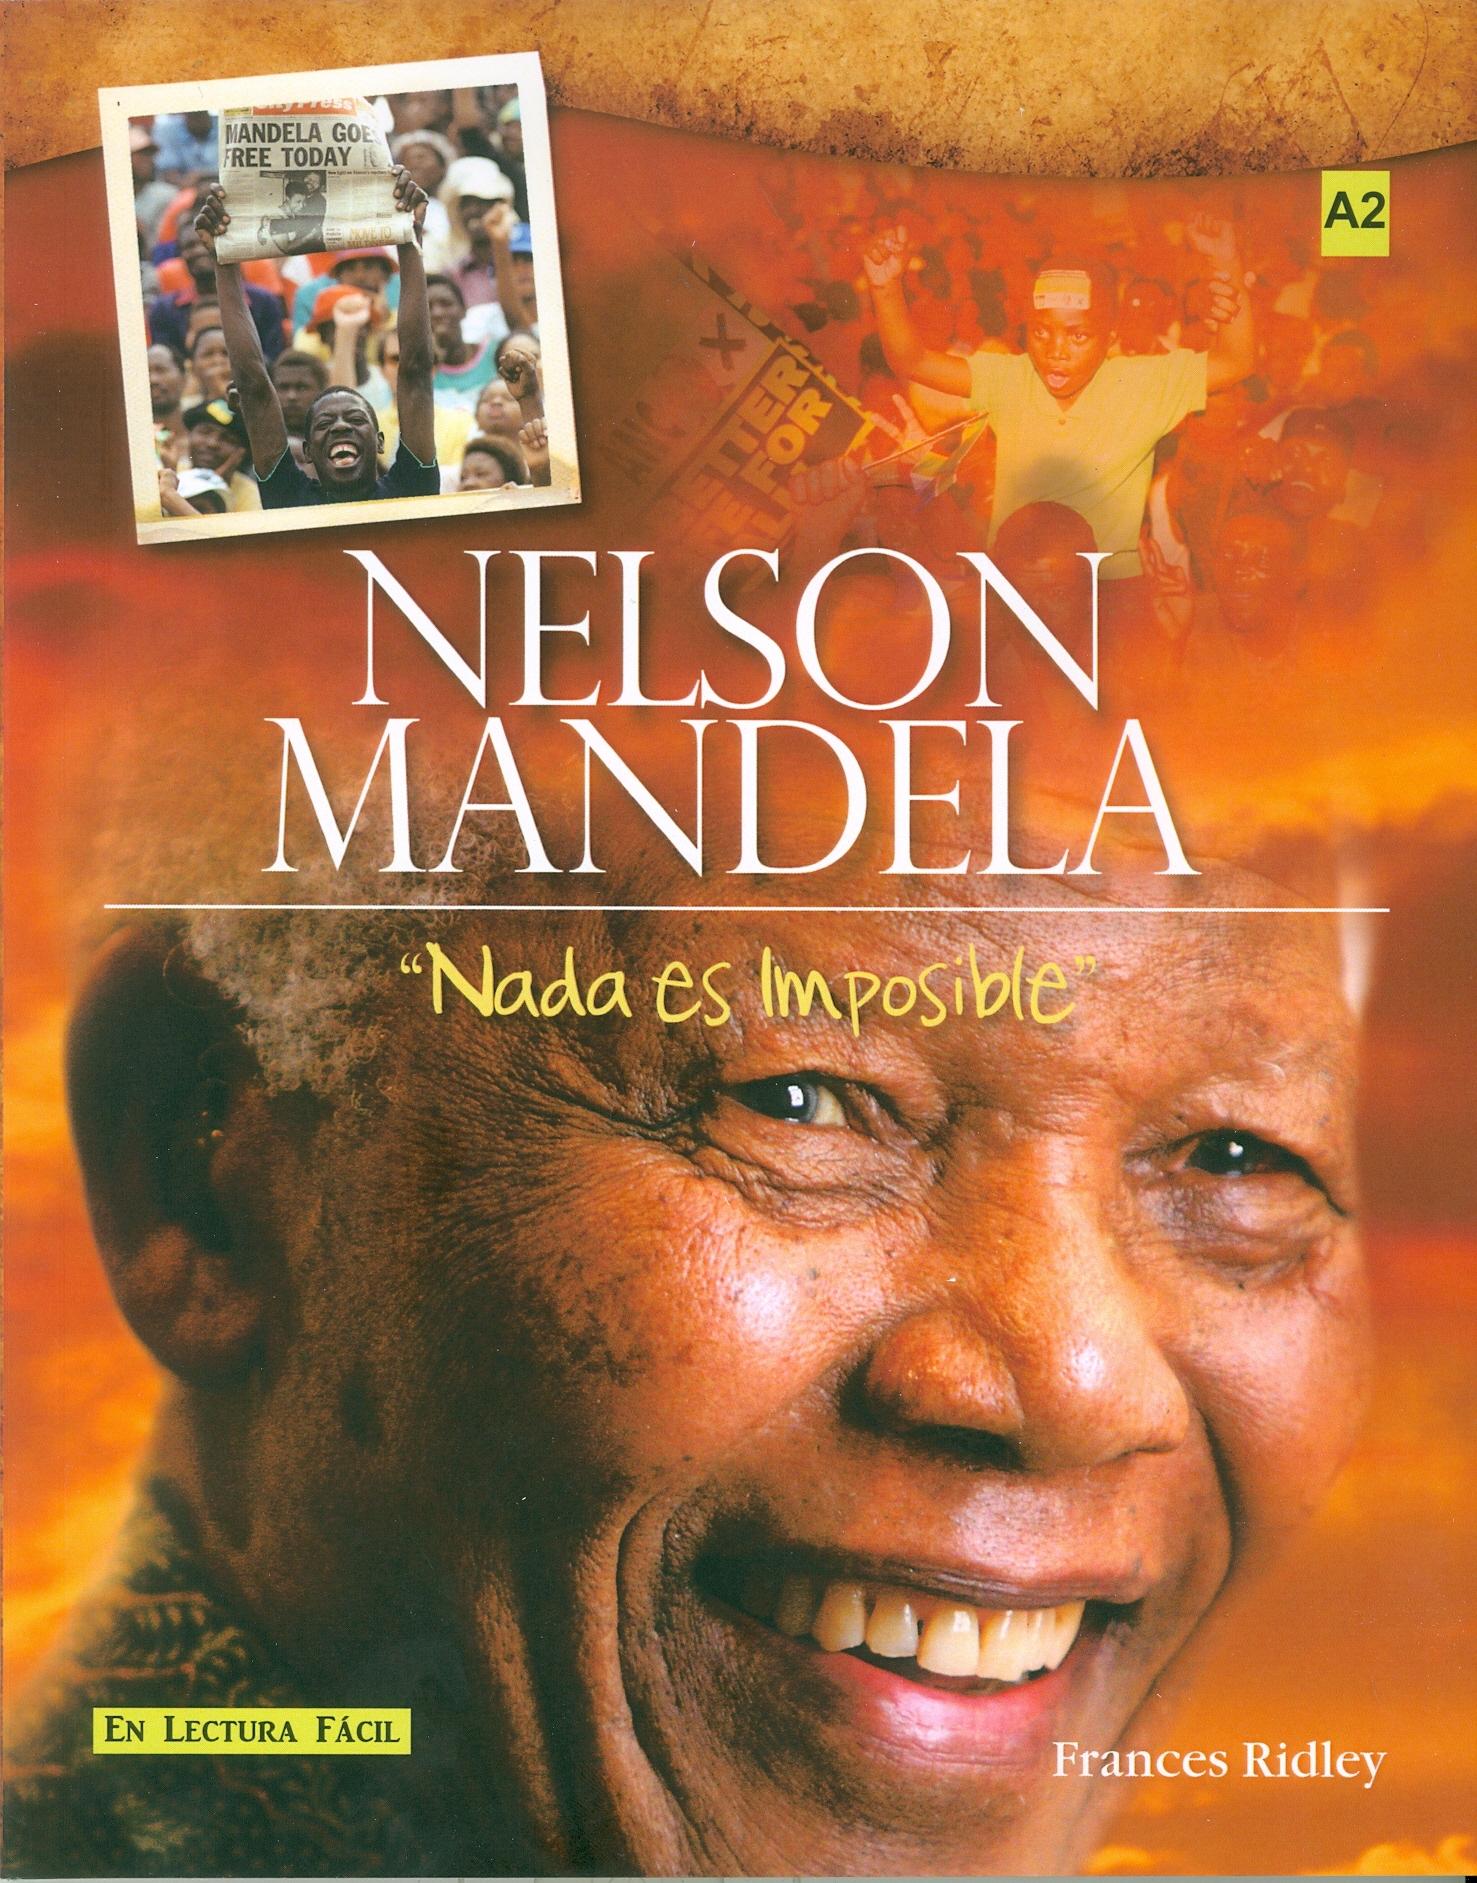 Lectura fácil Mandela Nada es imposible